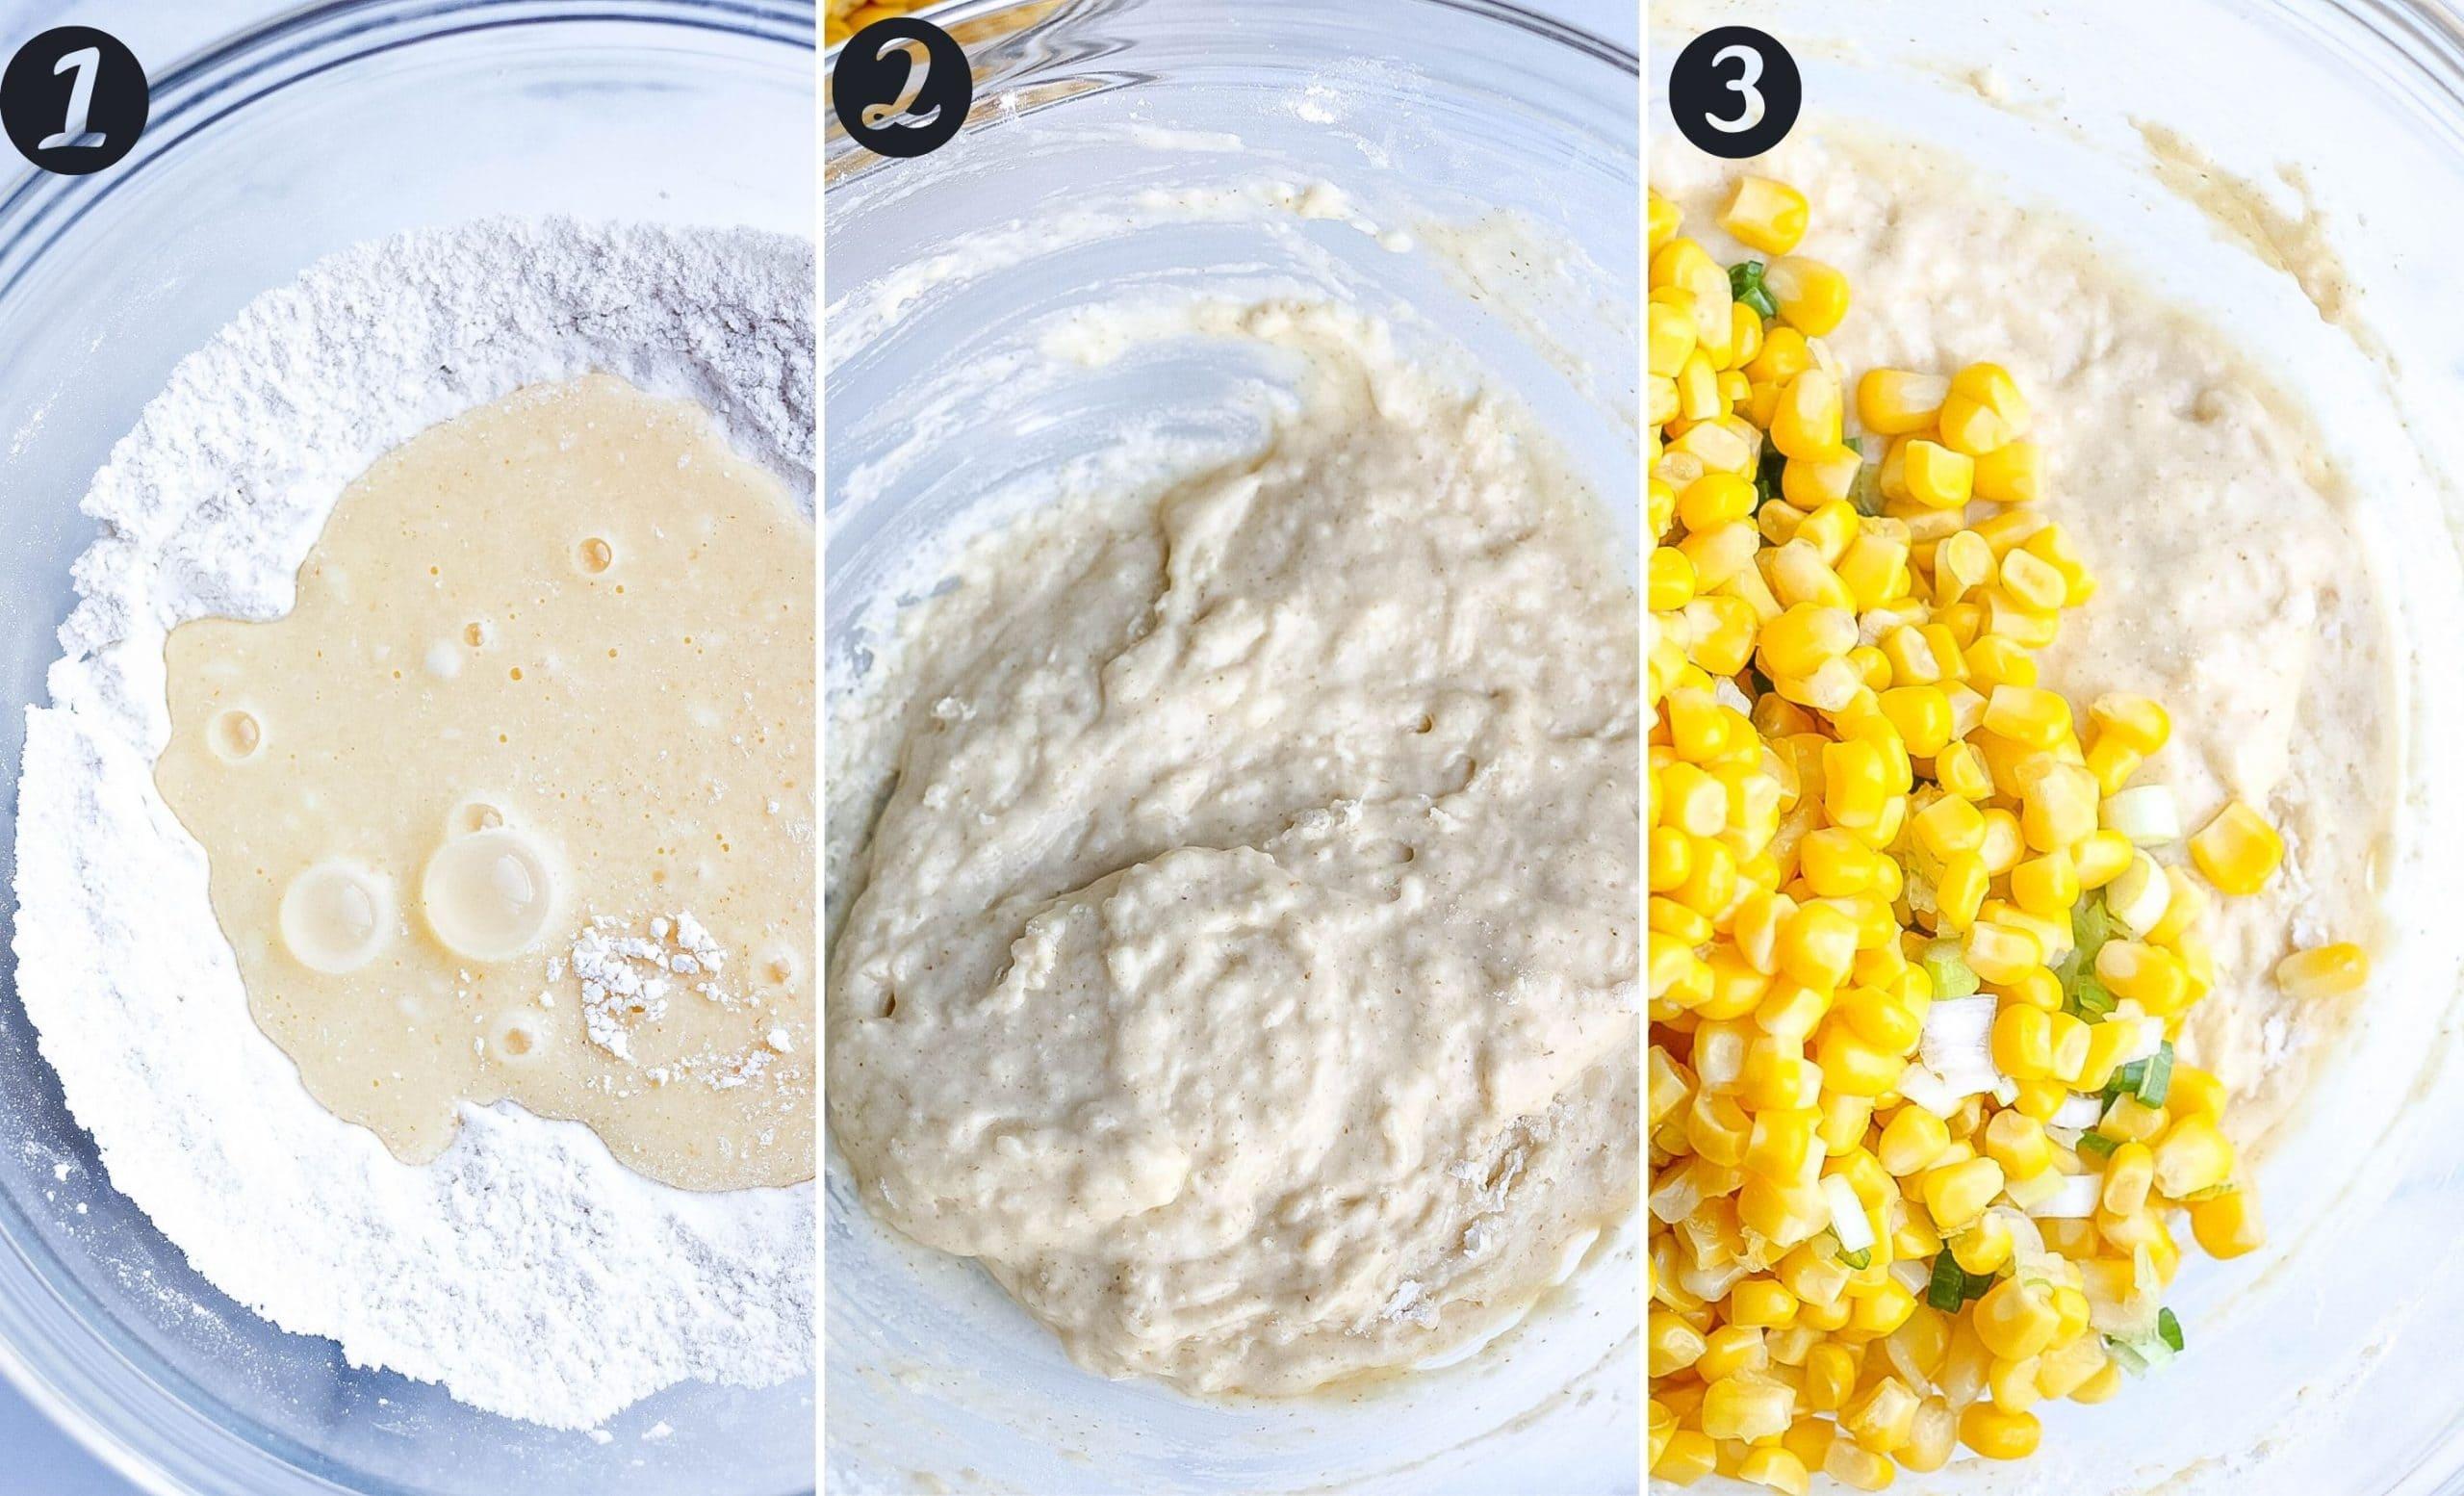 Corn Fritter steps